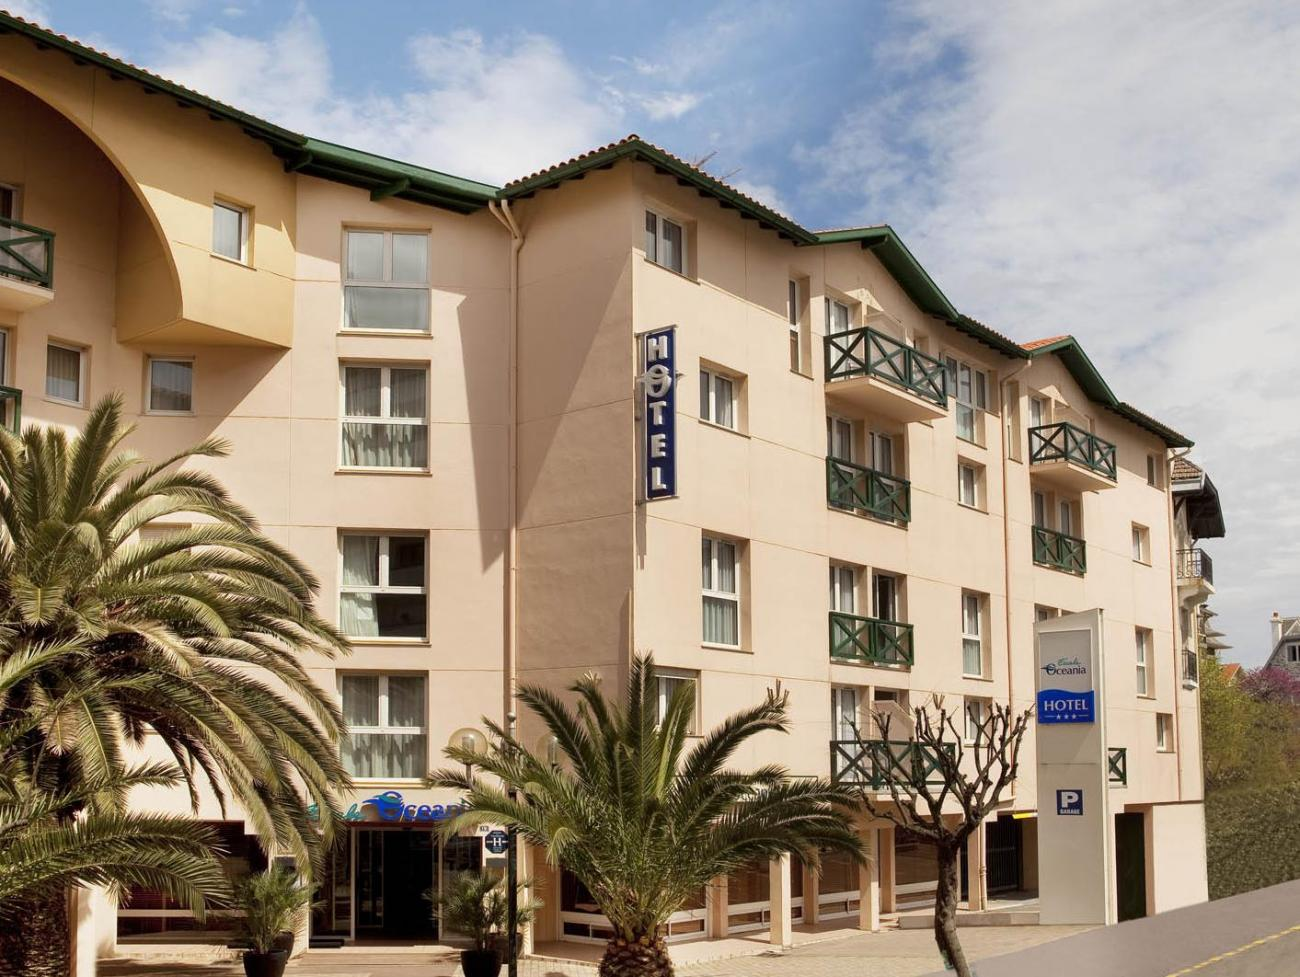 Hotel Escale Oceania Biarritz 3*